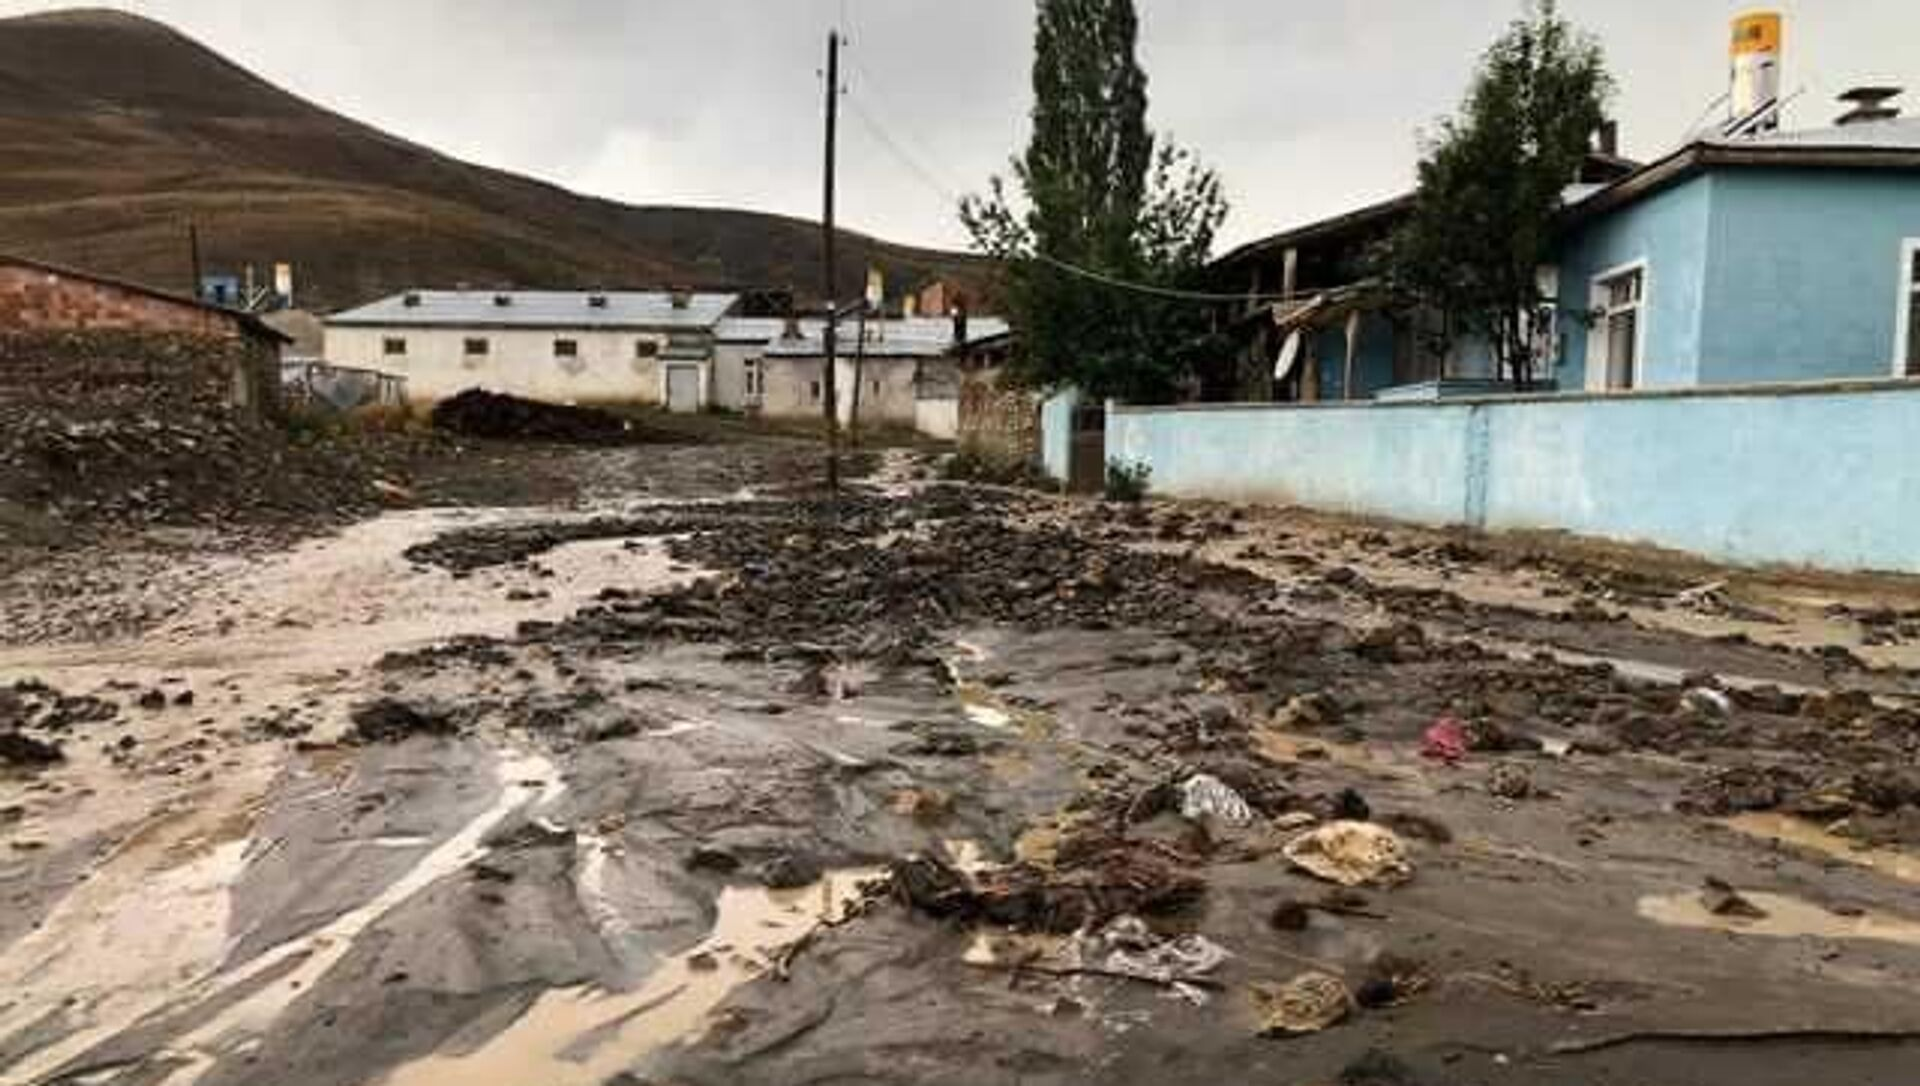 Bayburt'ta sağanak sele neden oldu: 11 hayvan öldü - Sputnik Türkiye, 1920, 02.08.2021